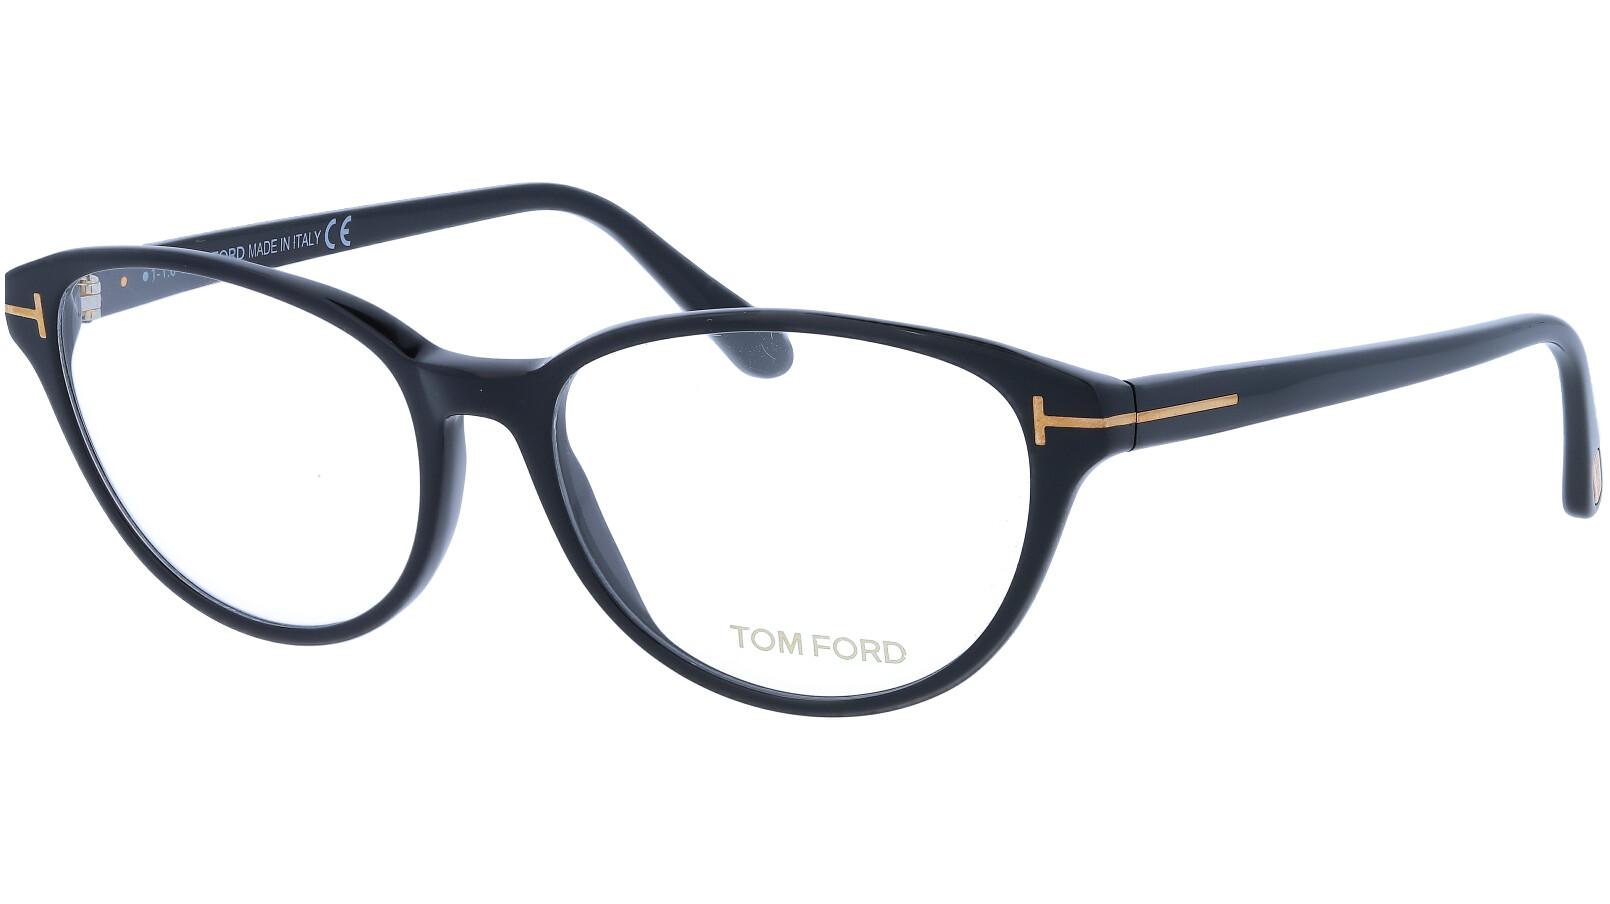 TOM FORD FT5422 001 53 BLACK Glasses